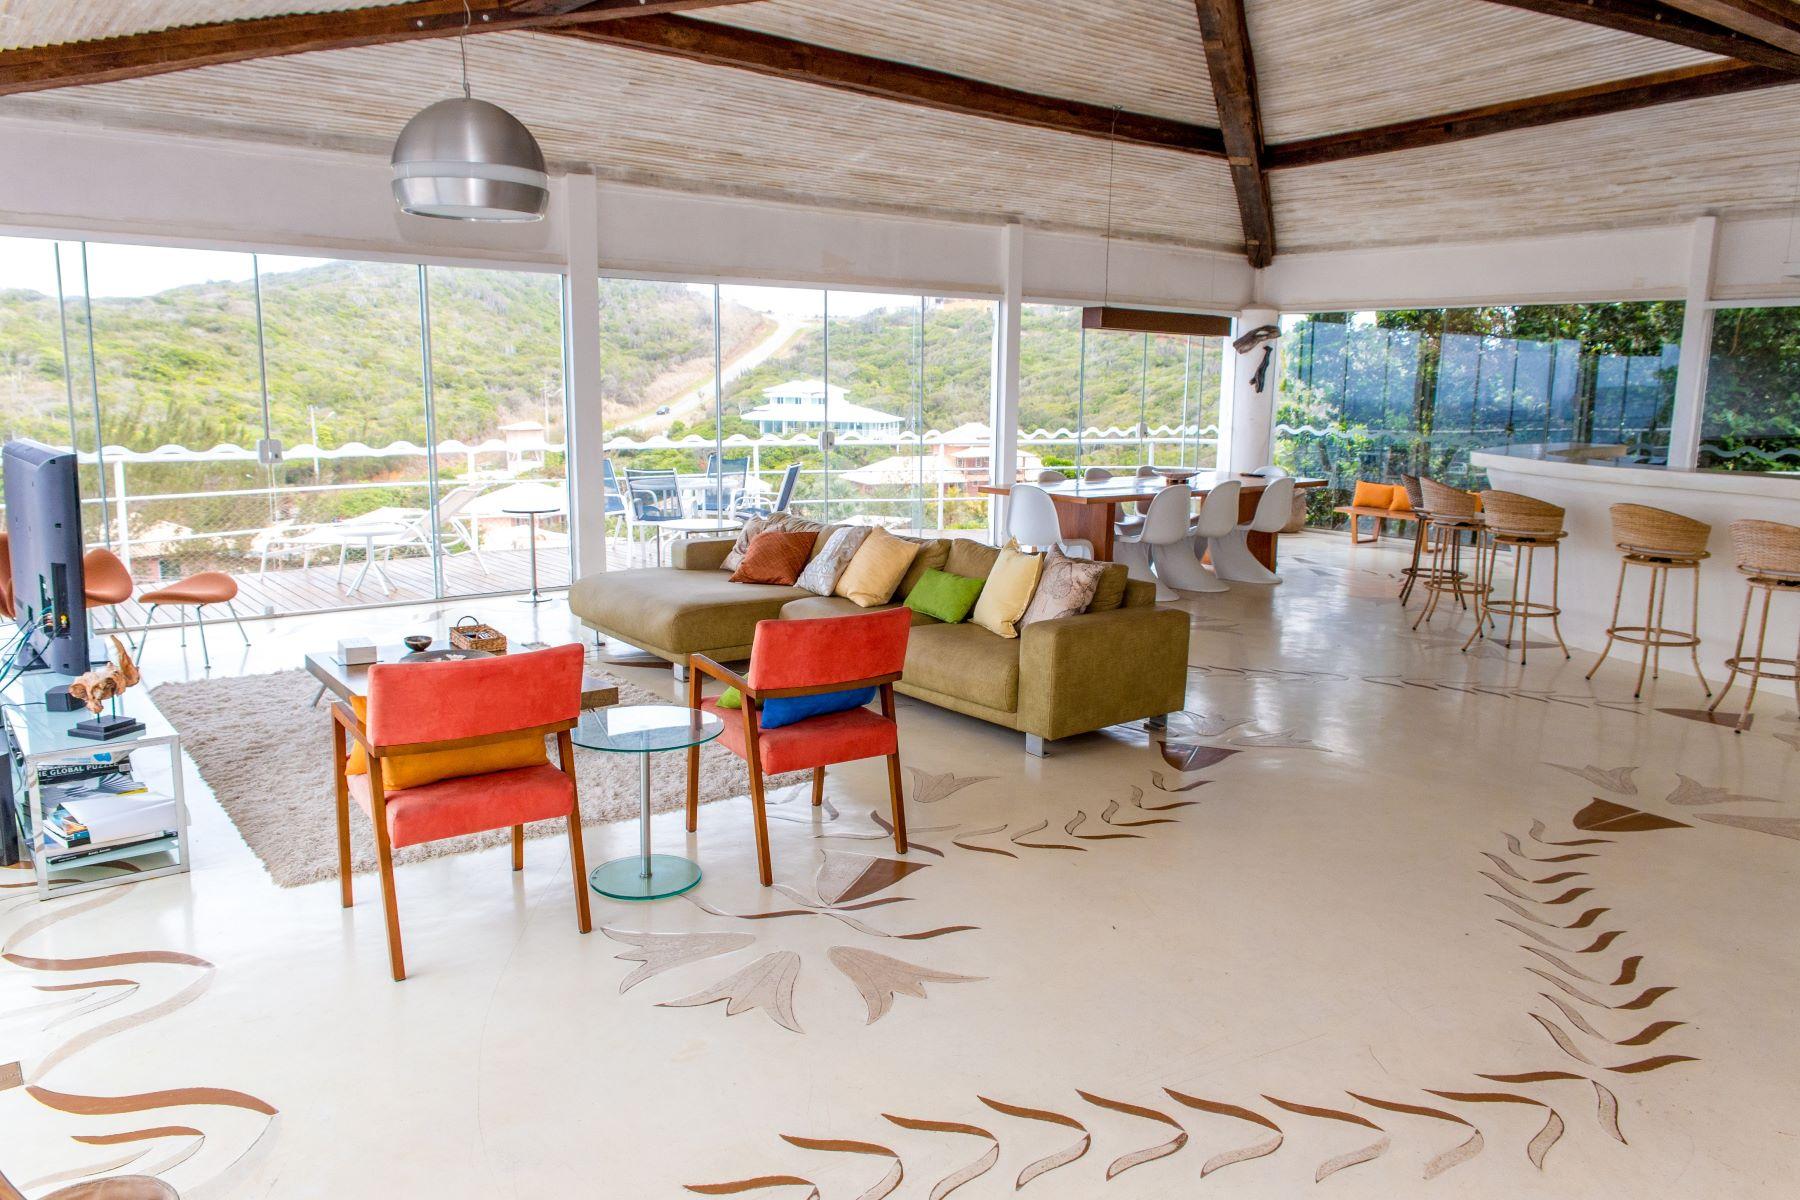 Single Family Home for Sale at Terrace View Rua A Armacao Dos Buzios, Rio De Janeiro, 28950000 Brazil